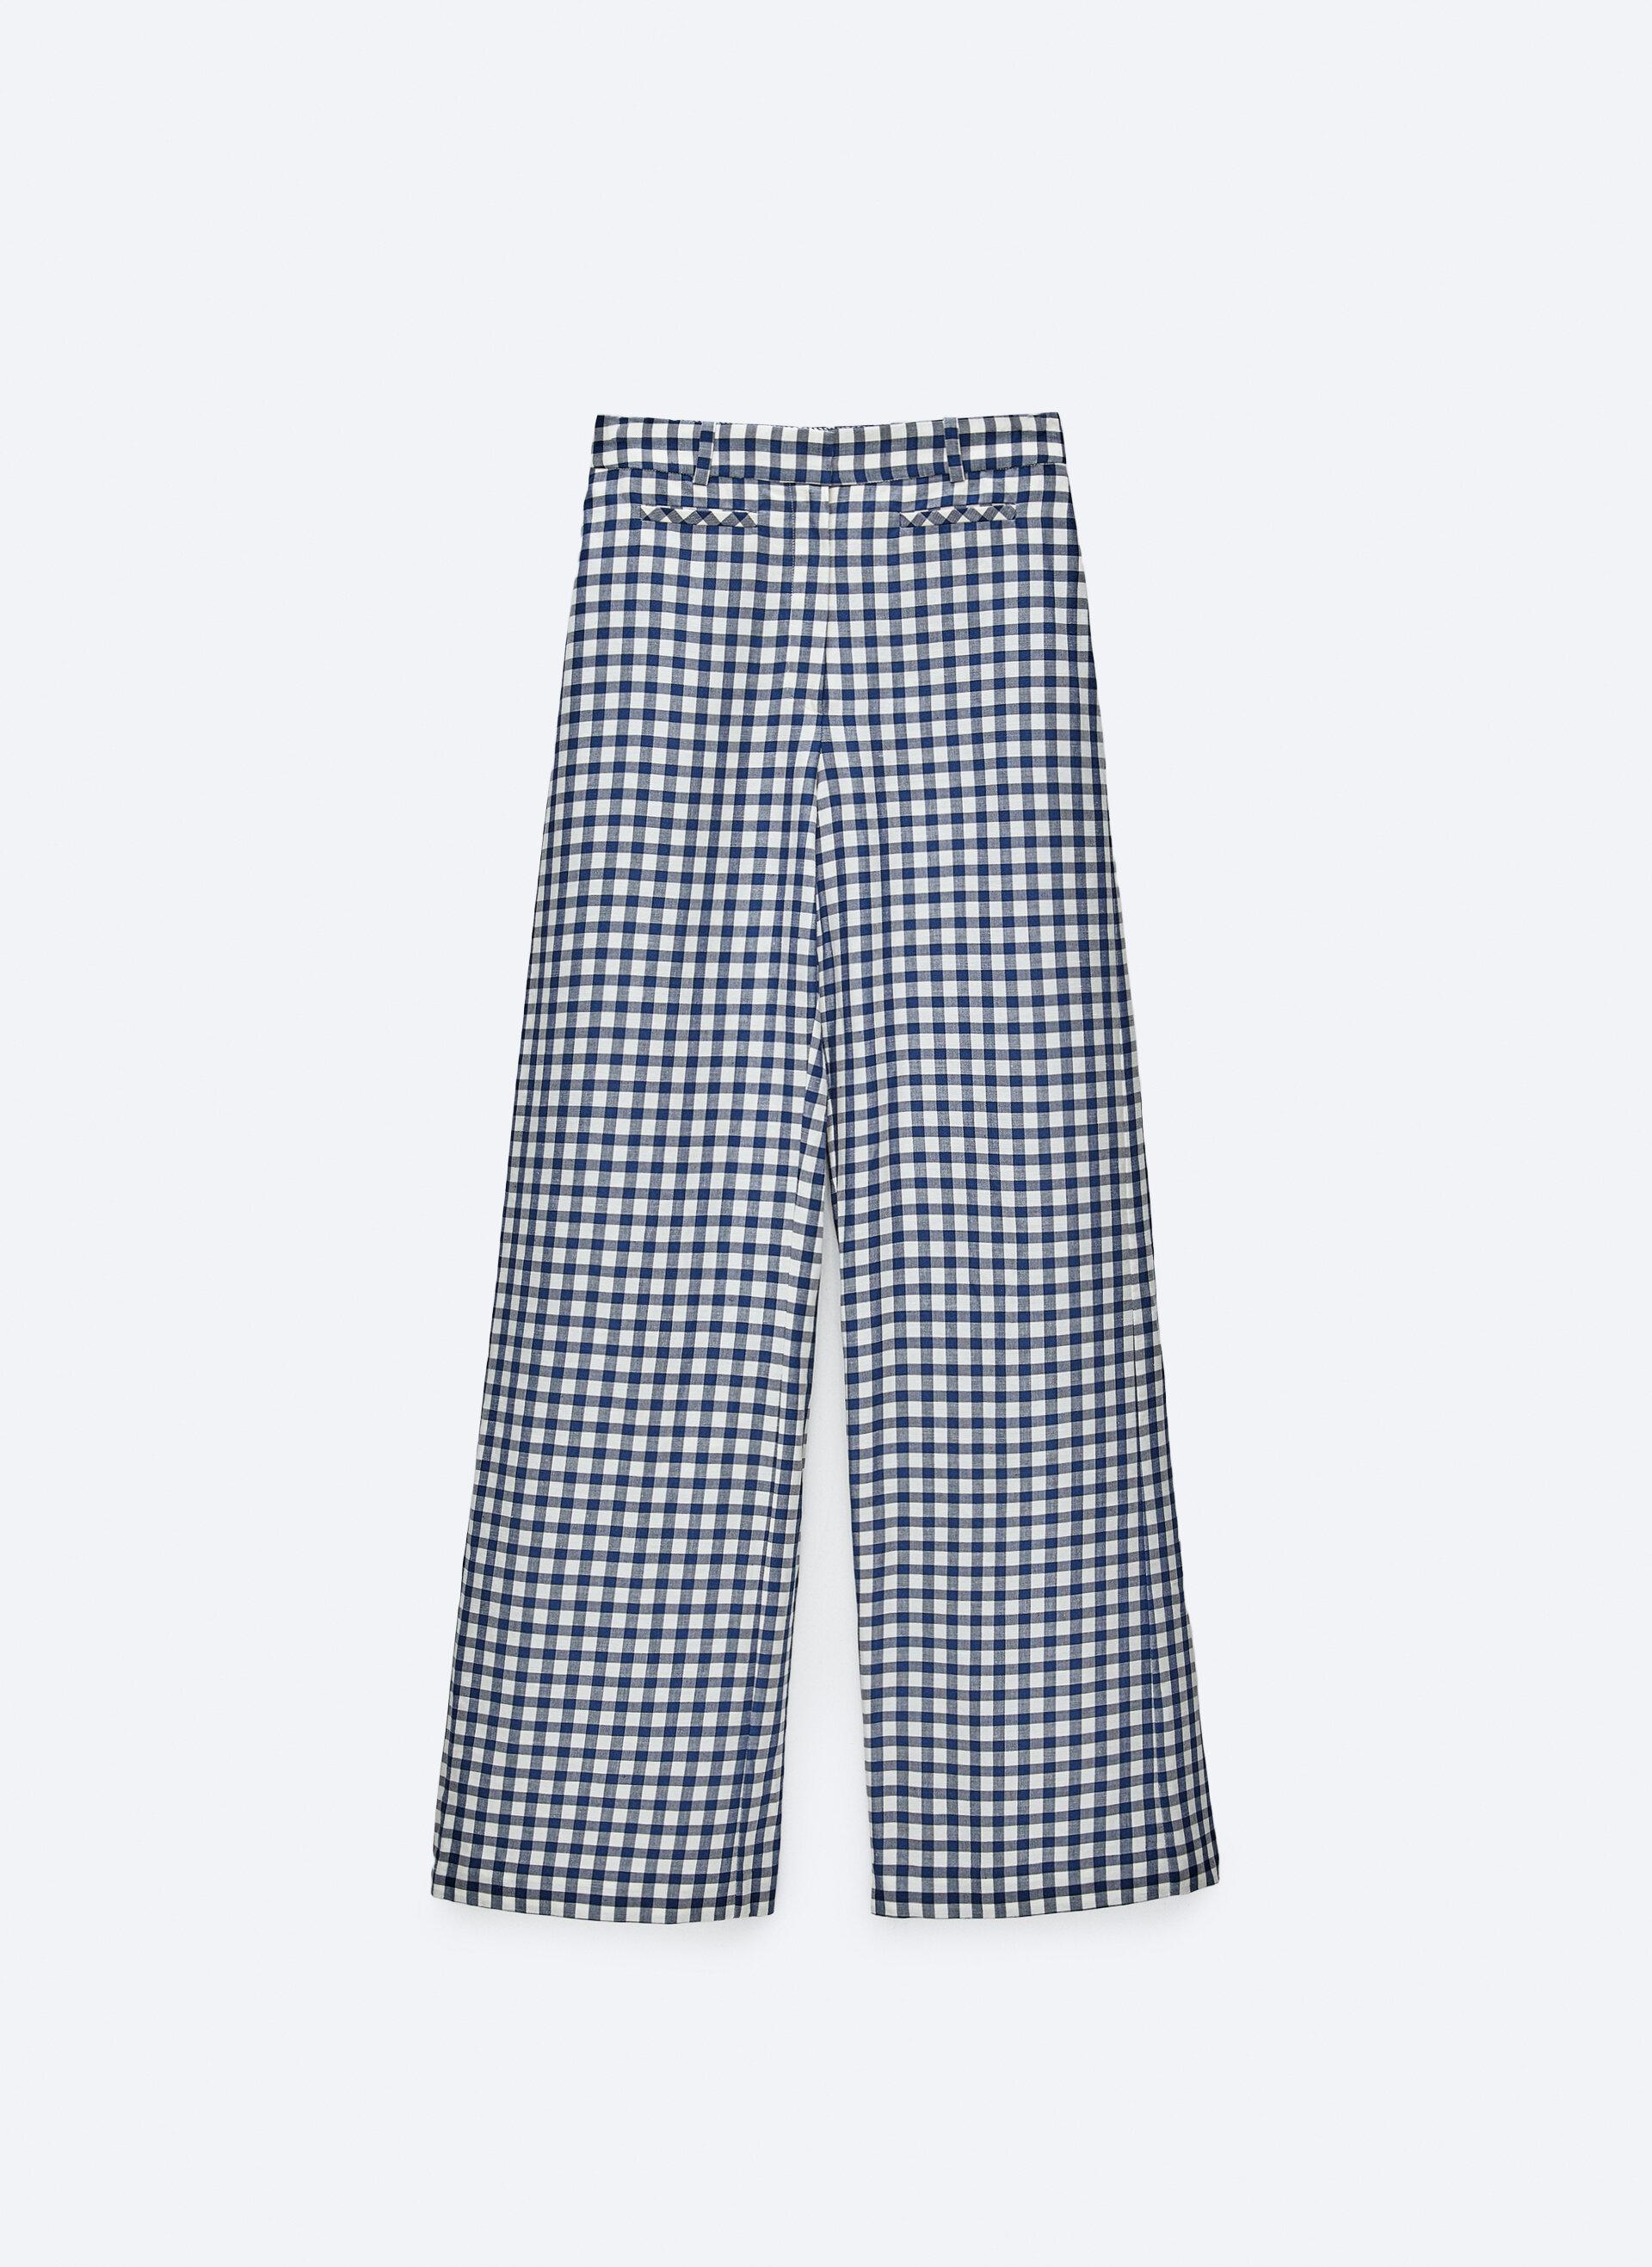 Pantalones anchos de estampado vichy